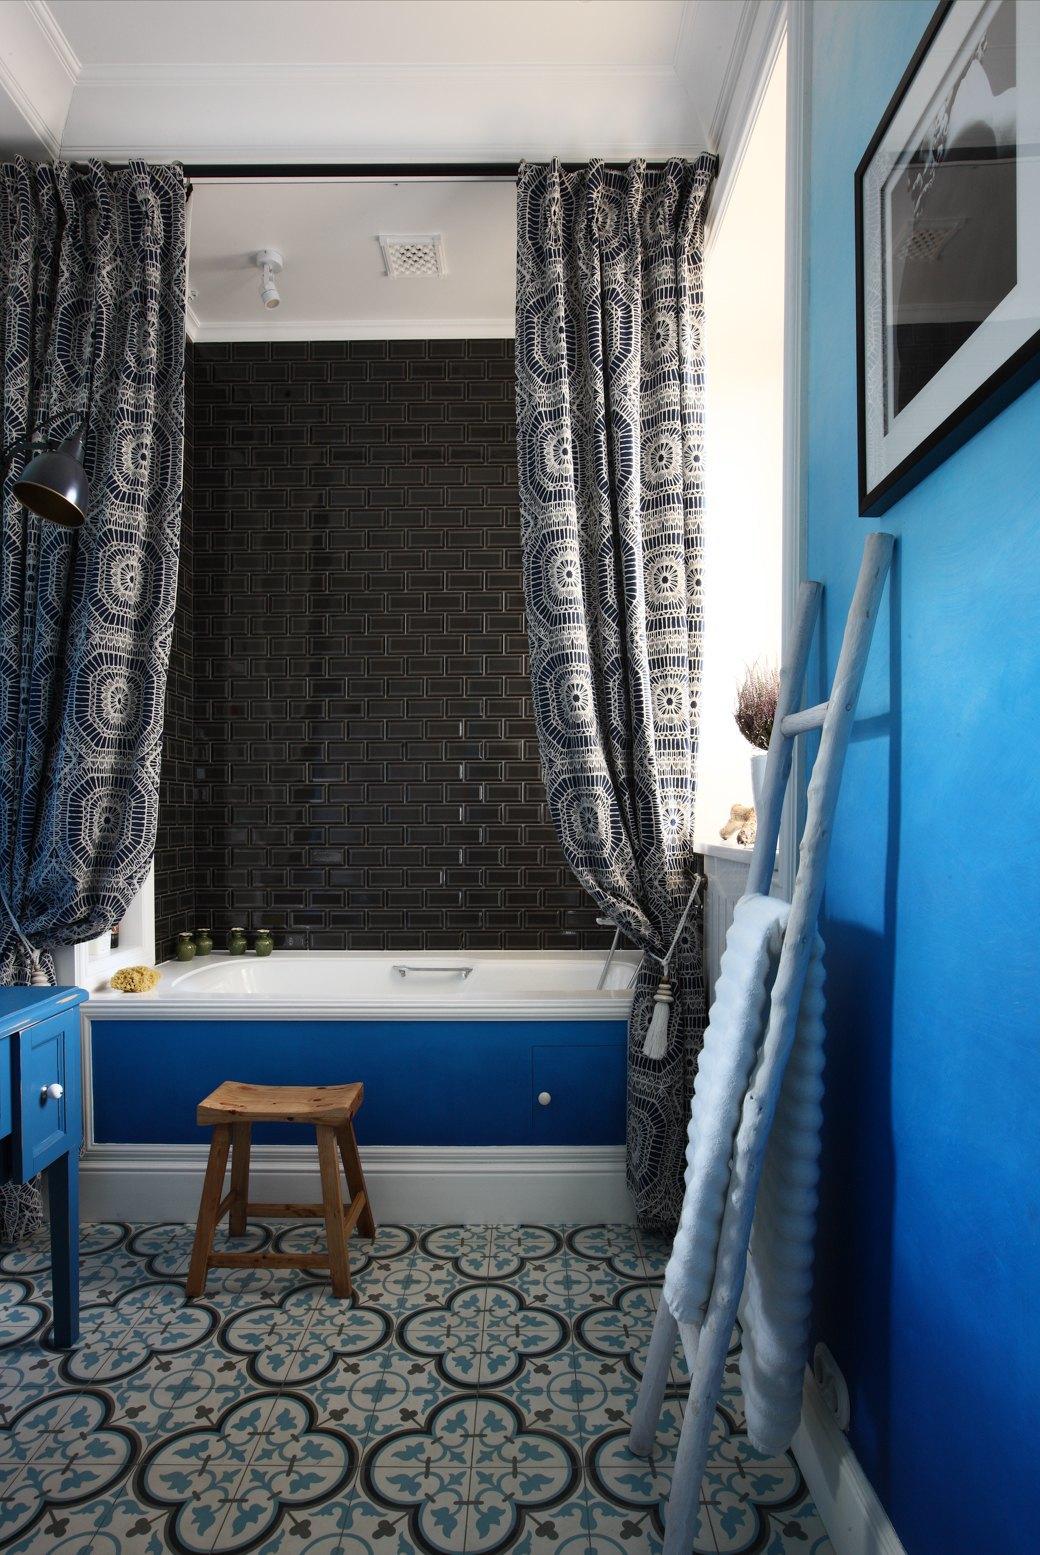 Просторная квартира на Цветном бульваре сбалийскими мотивами. Изображение № 17.